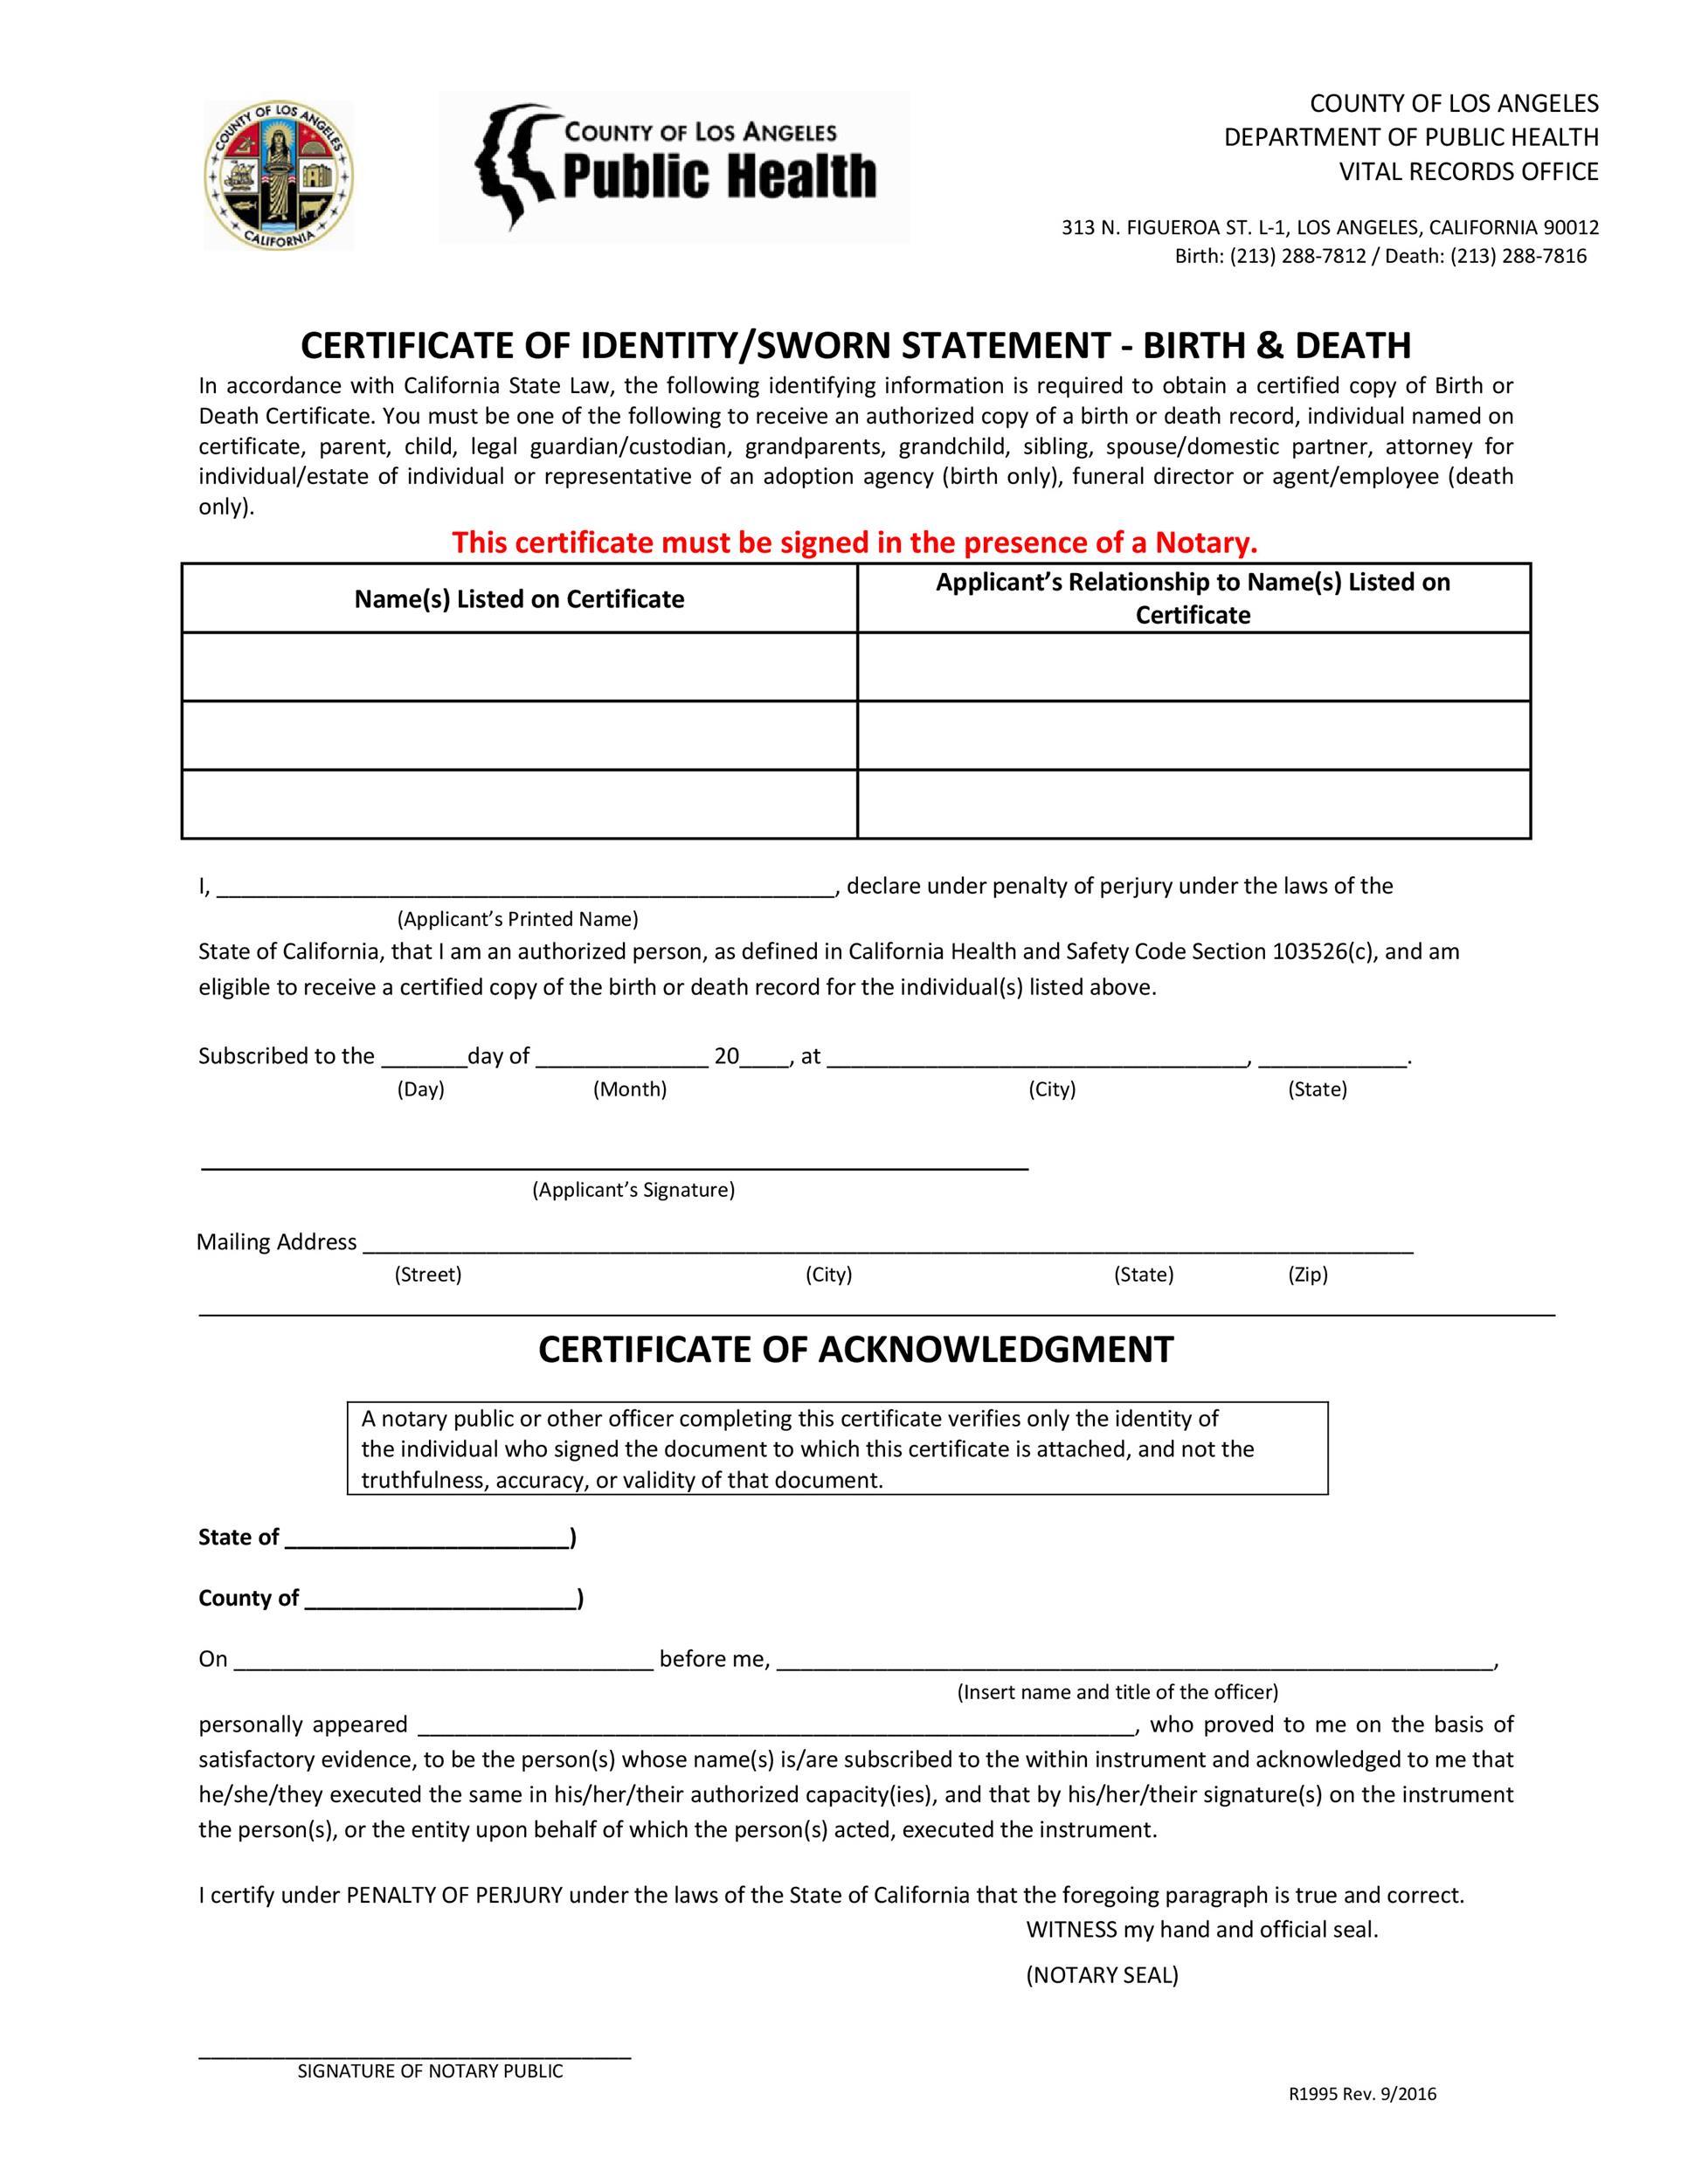 Free affidavit of identity 45